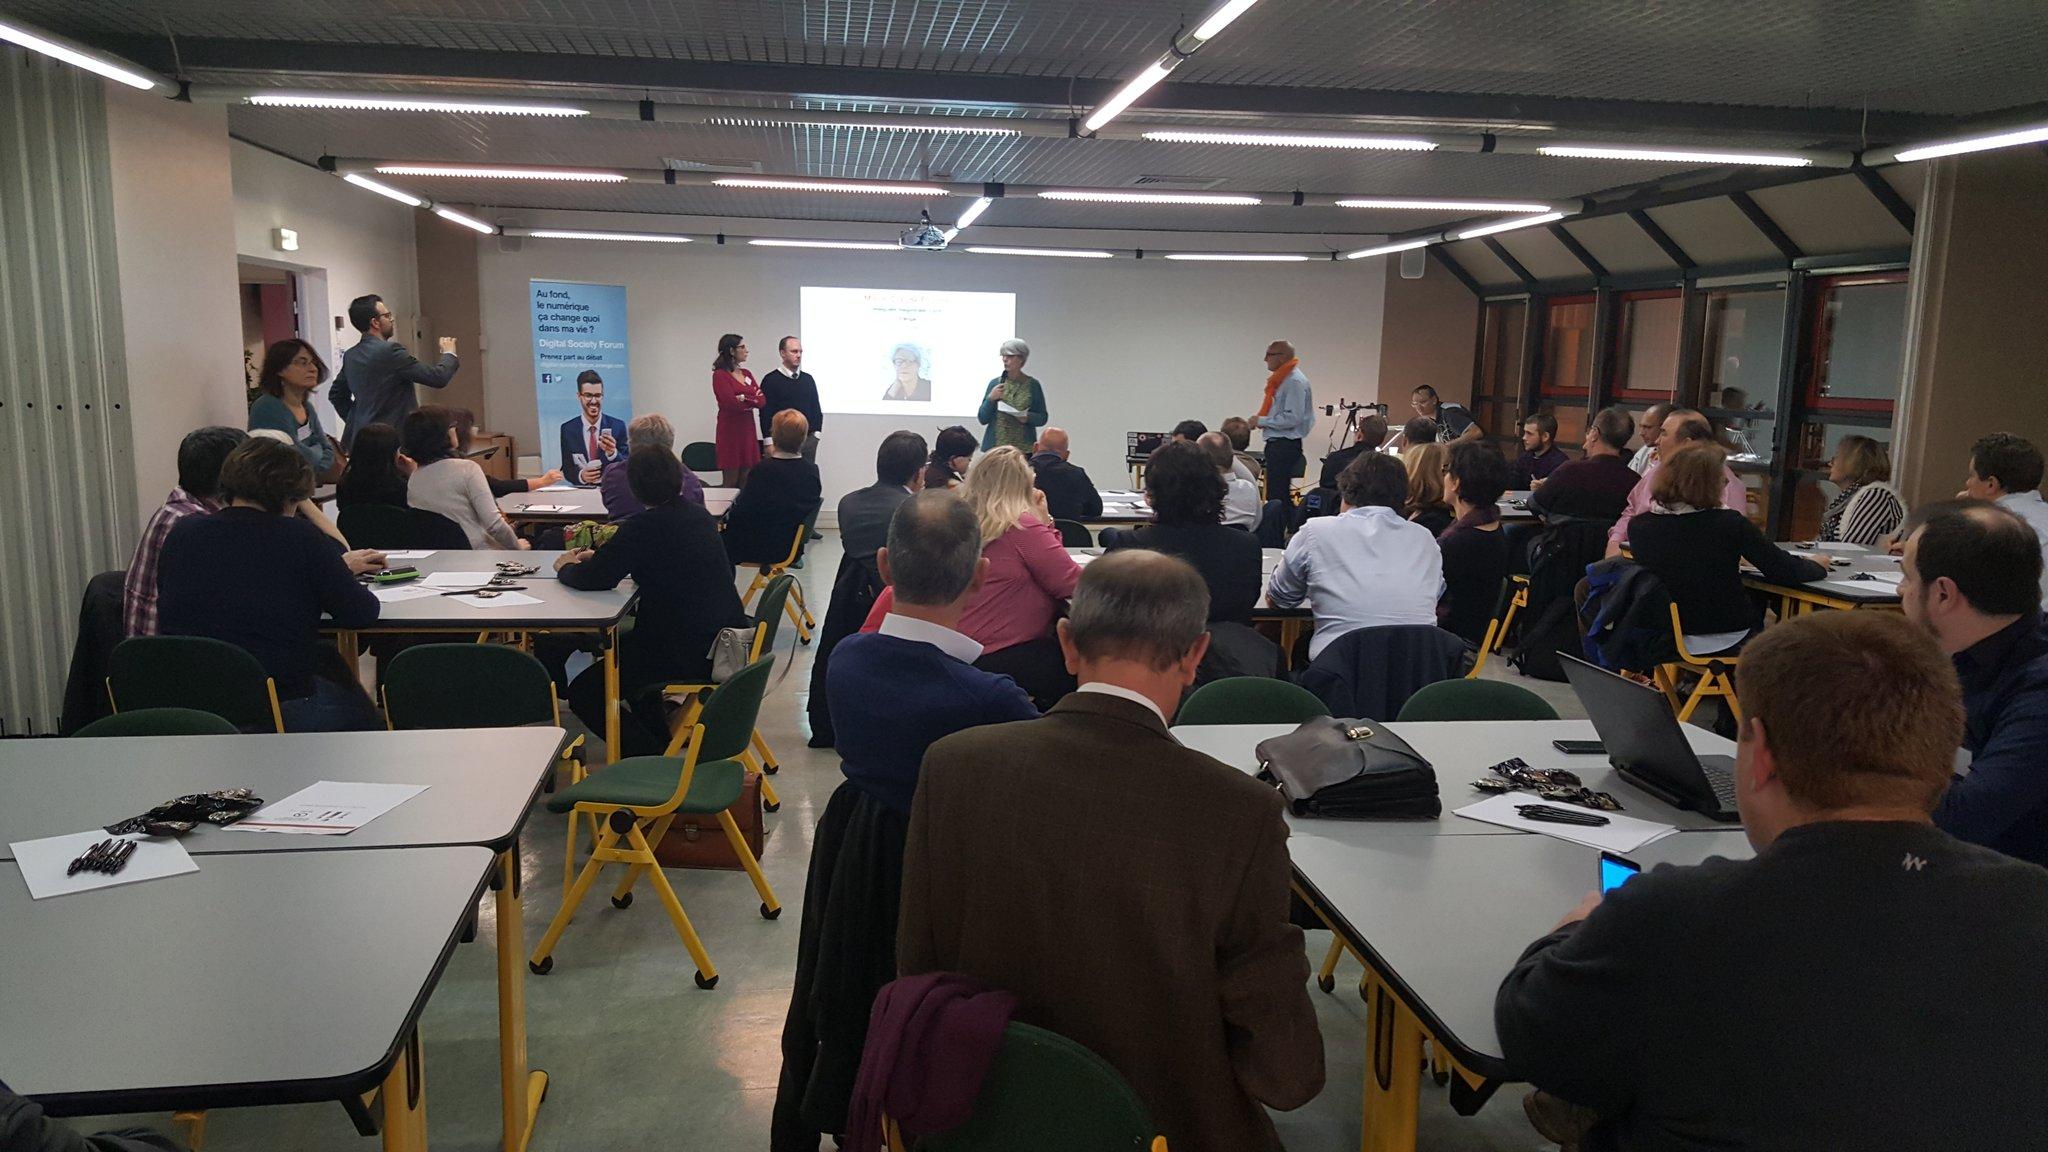 """Atelier collaboratif """"apprendre à l'heure du numérique """", un partenariat @orangeain @AltecCCSTI #dsfbourg. Plus de 60 personnes sont là! https://t.co/qPMsksRAlm"""